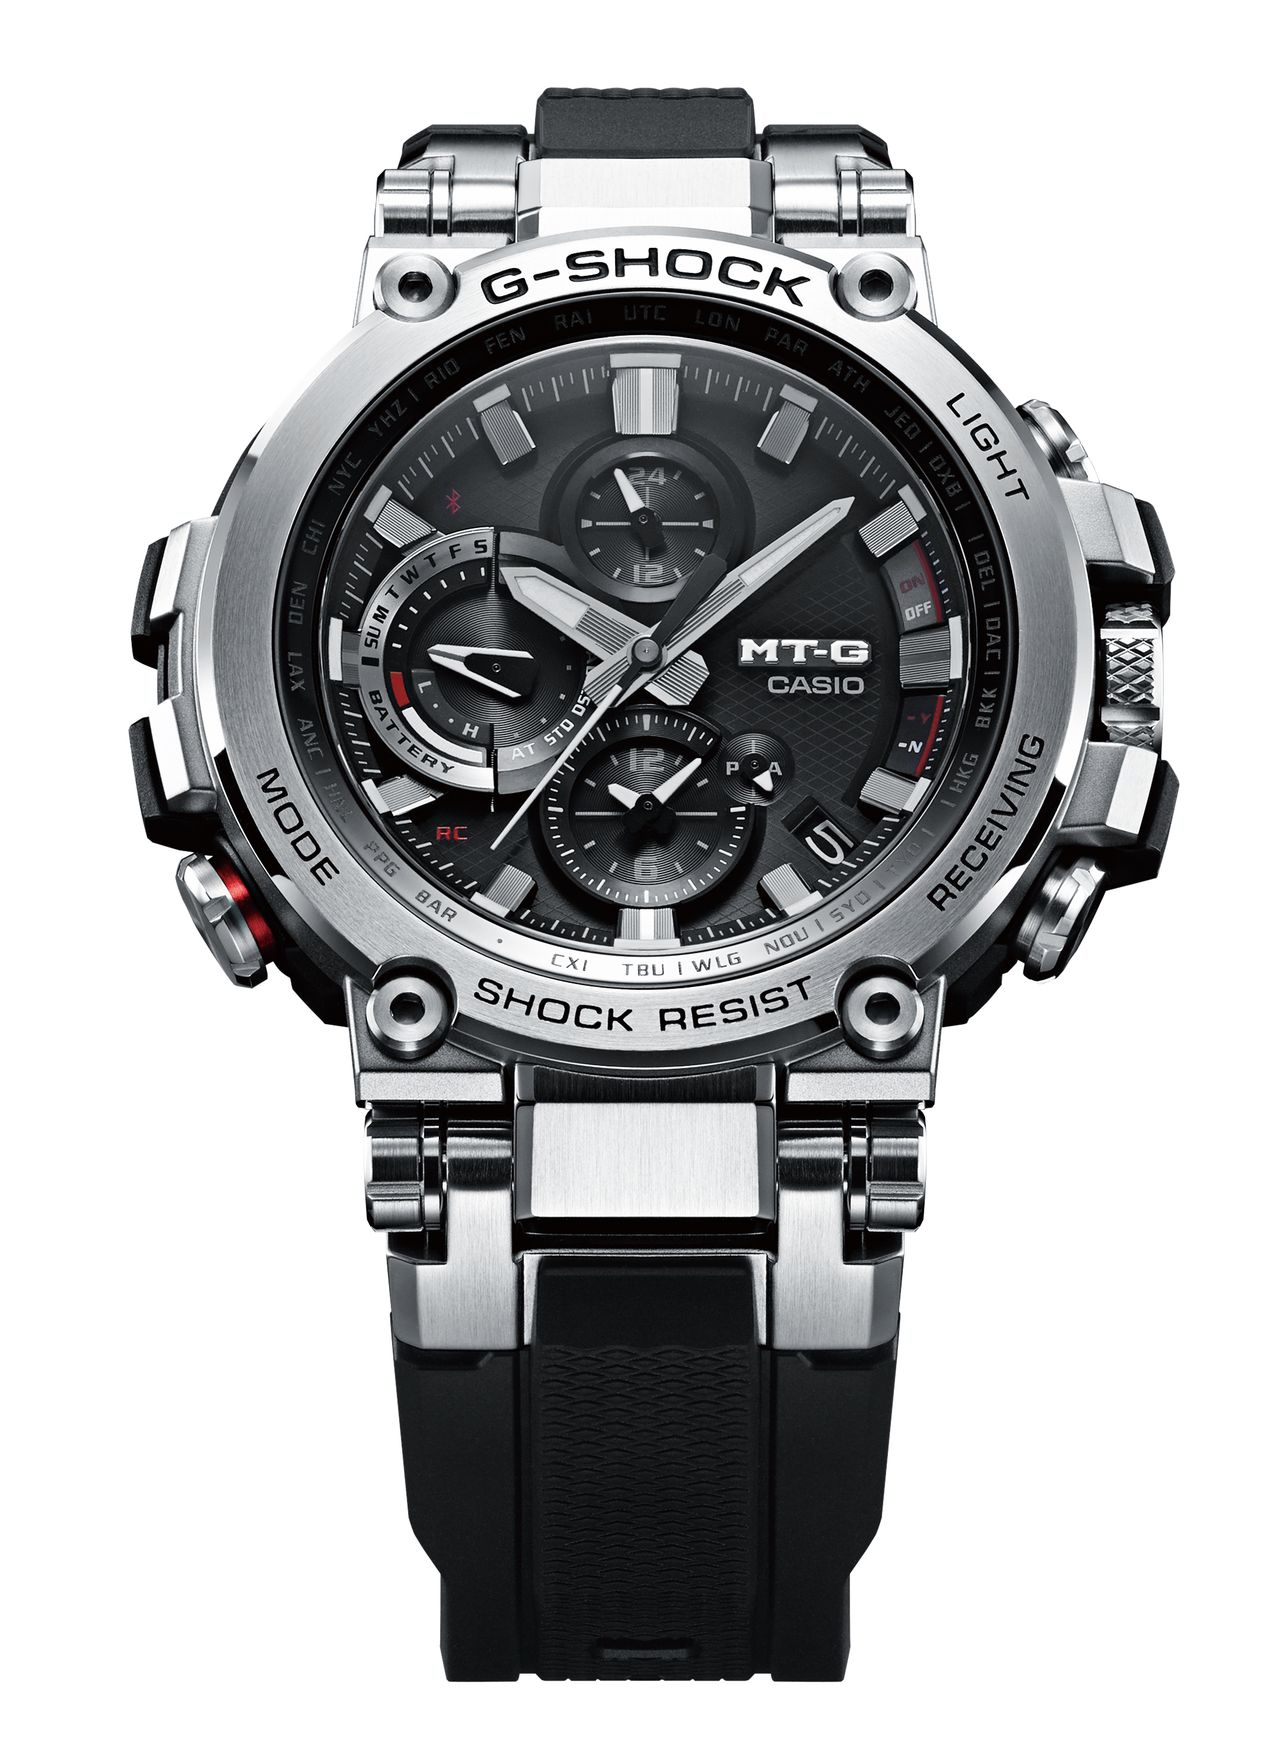 Casio G-Shock MTG G1000D - szélesnek viszont széles